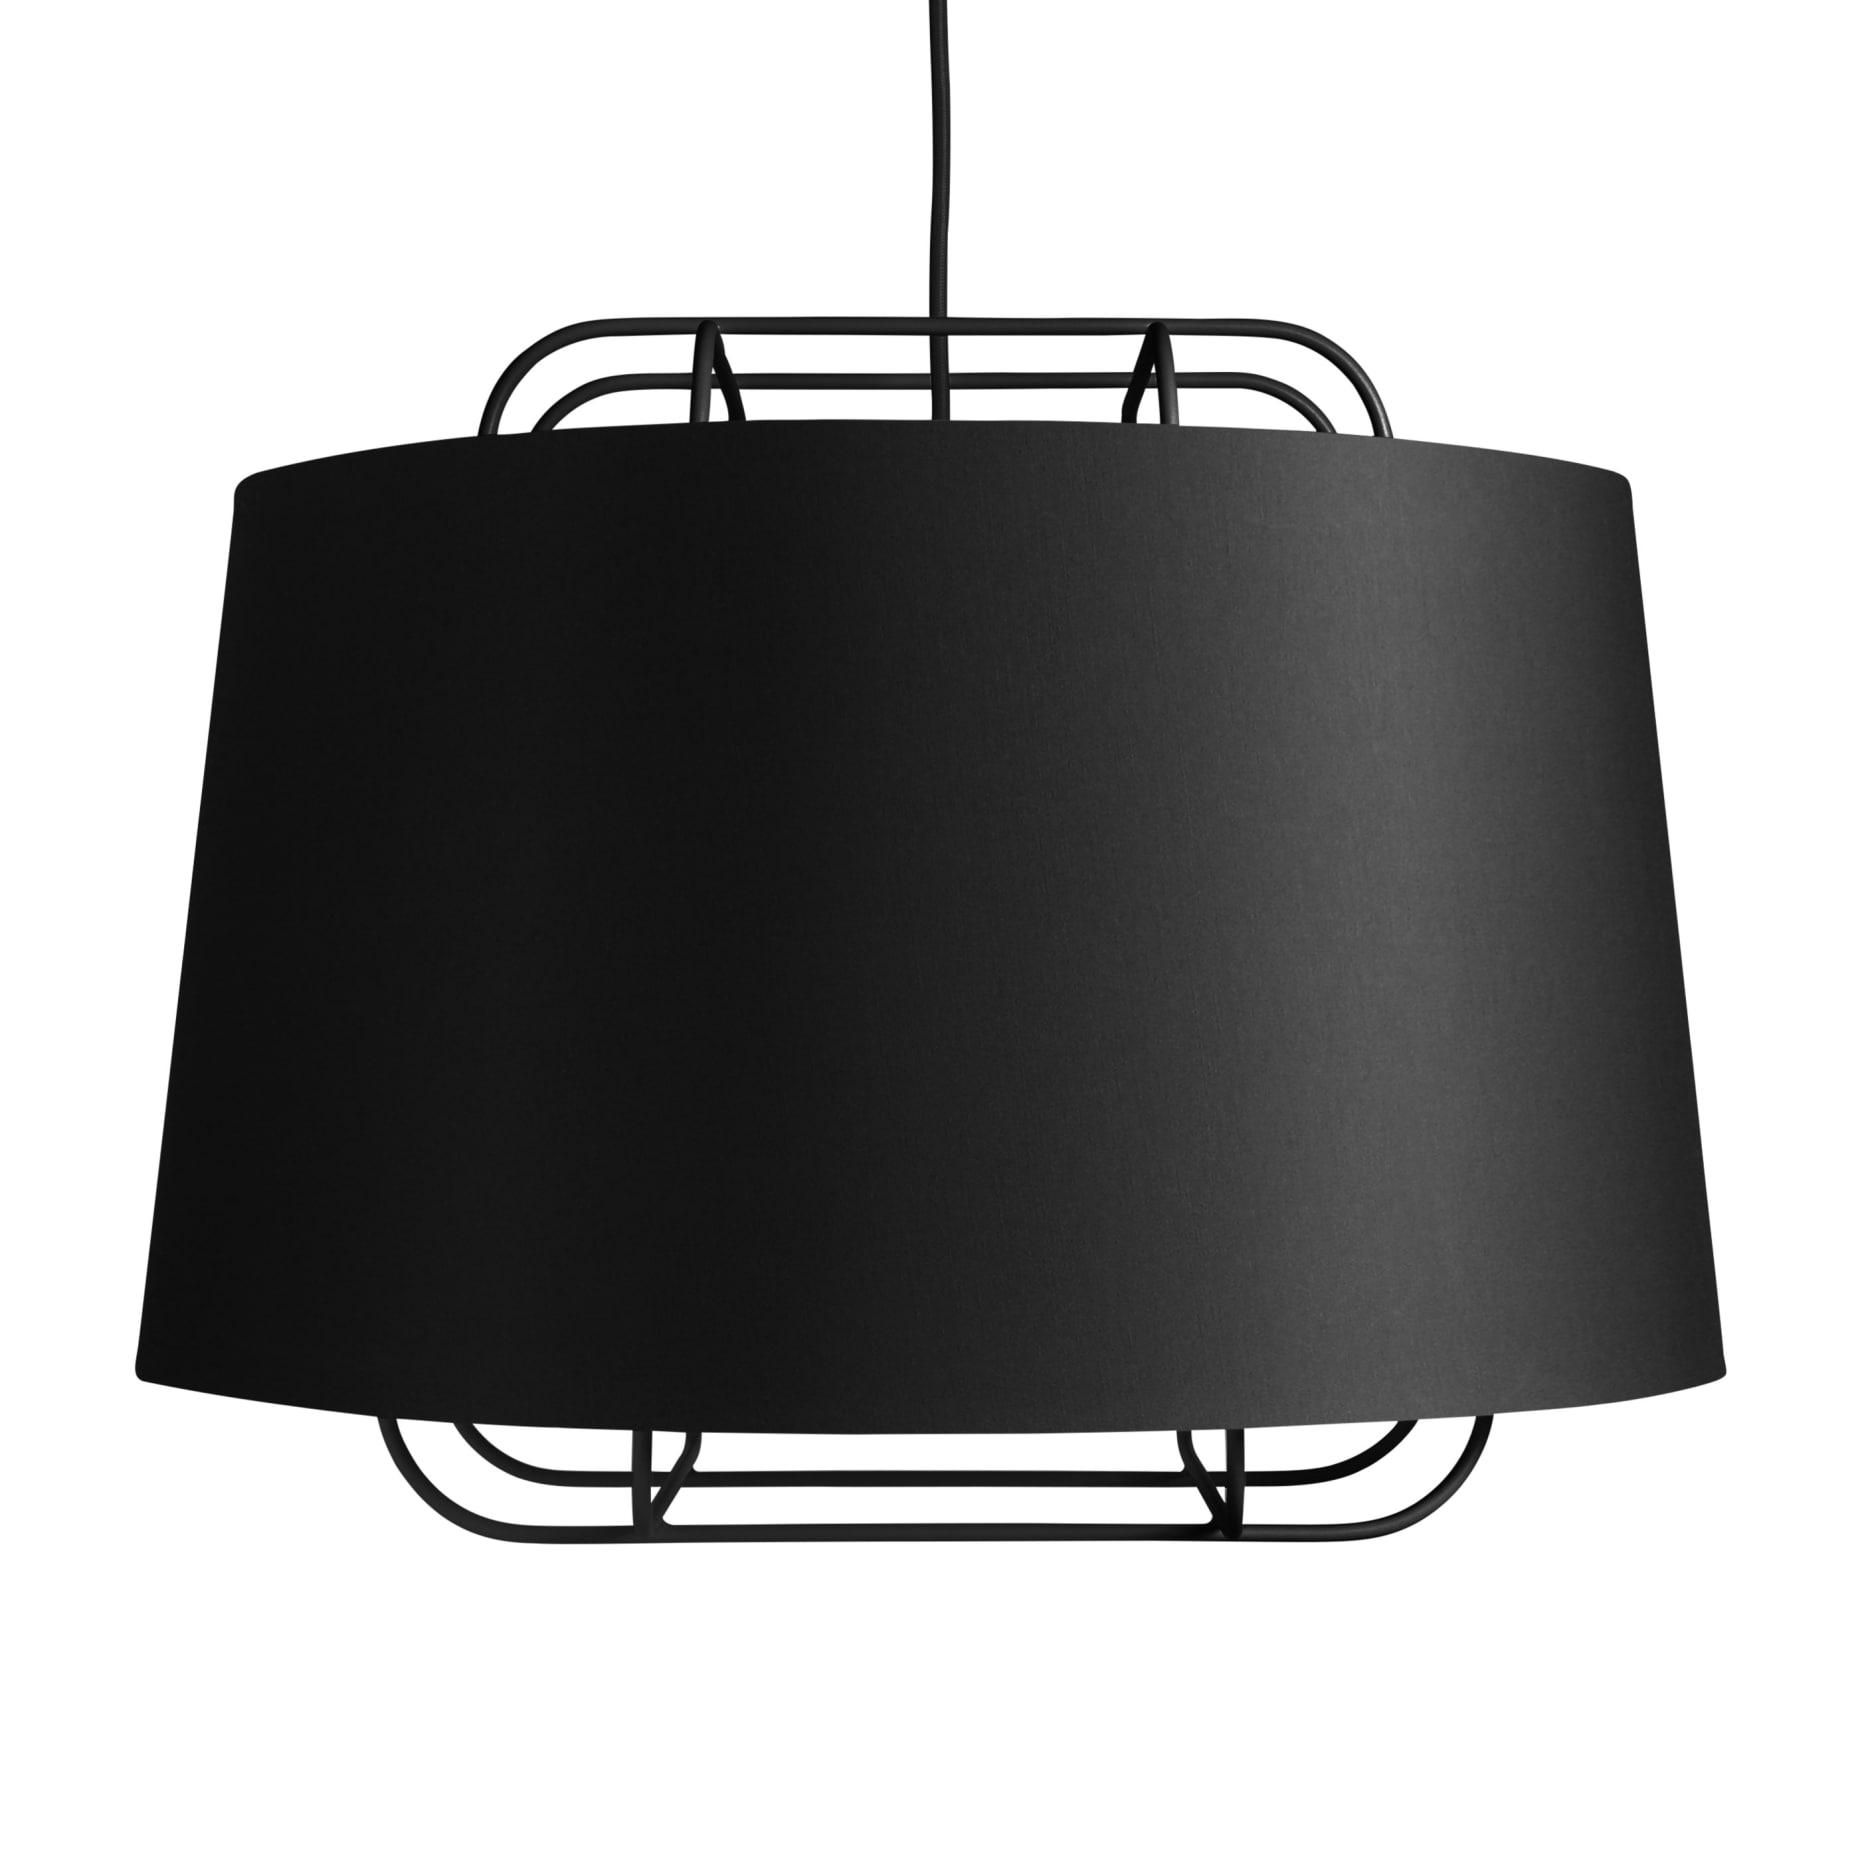 pe1 lrglpen bk perimeter large pendant black